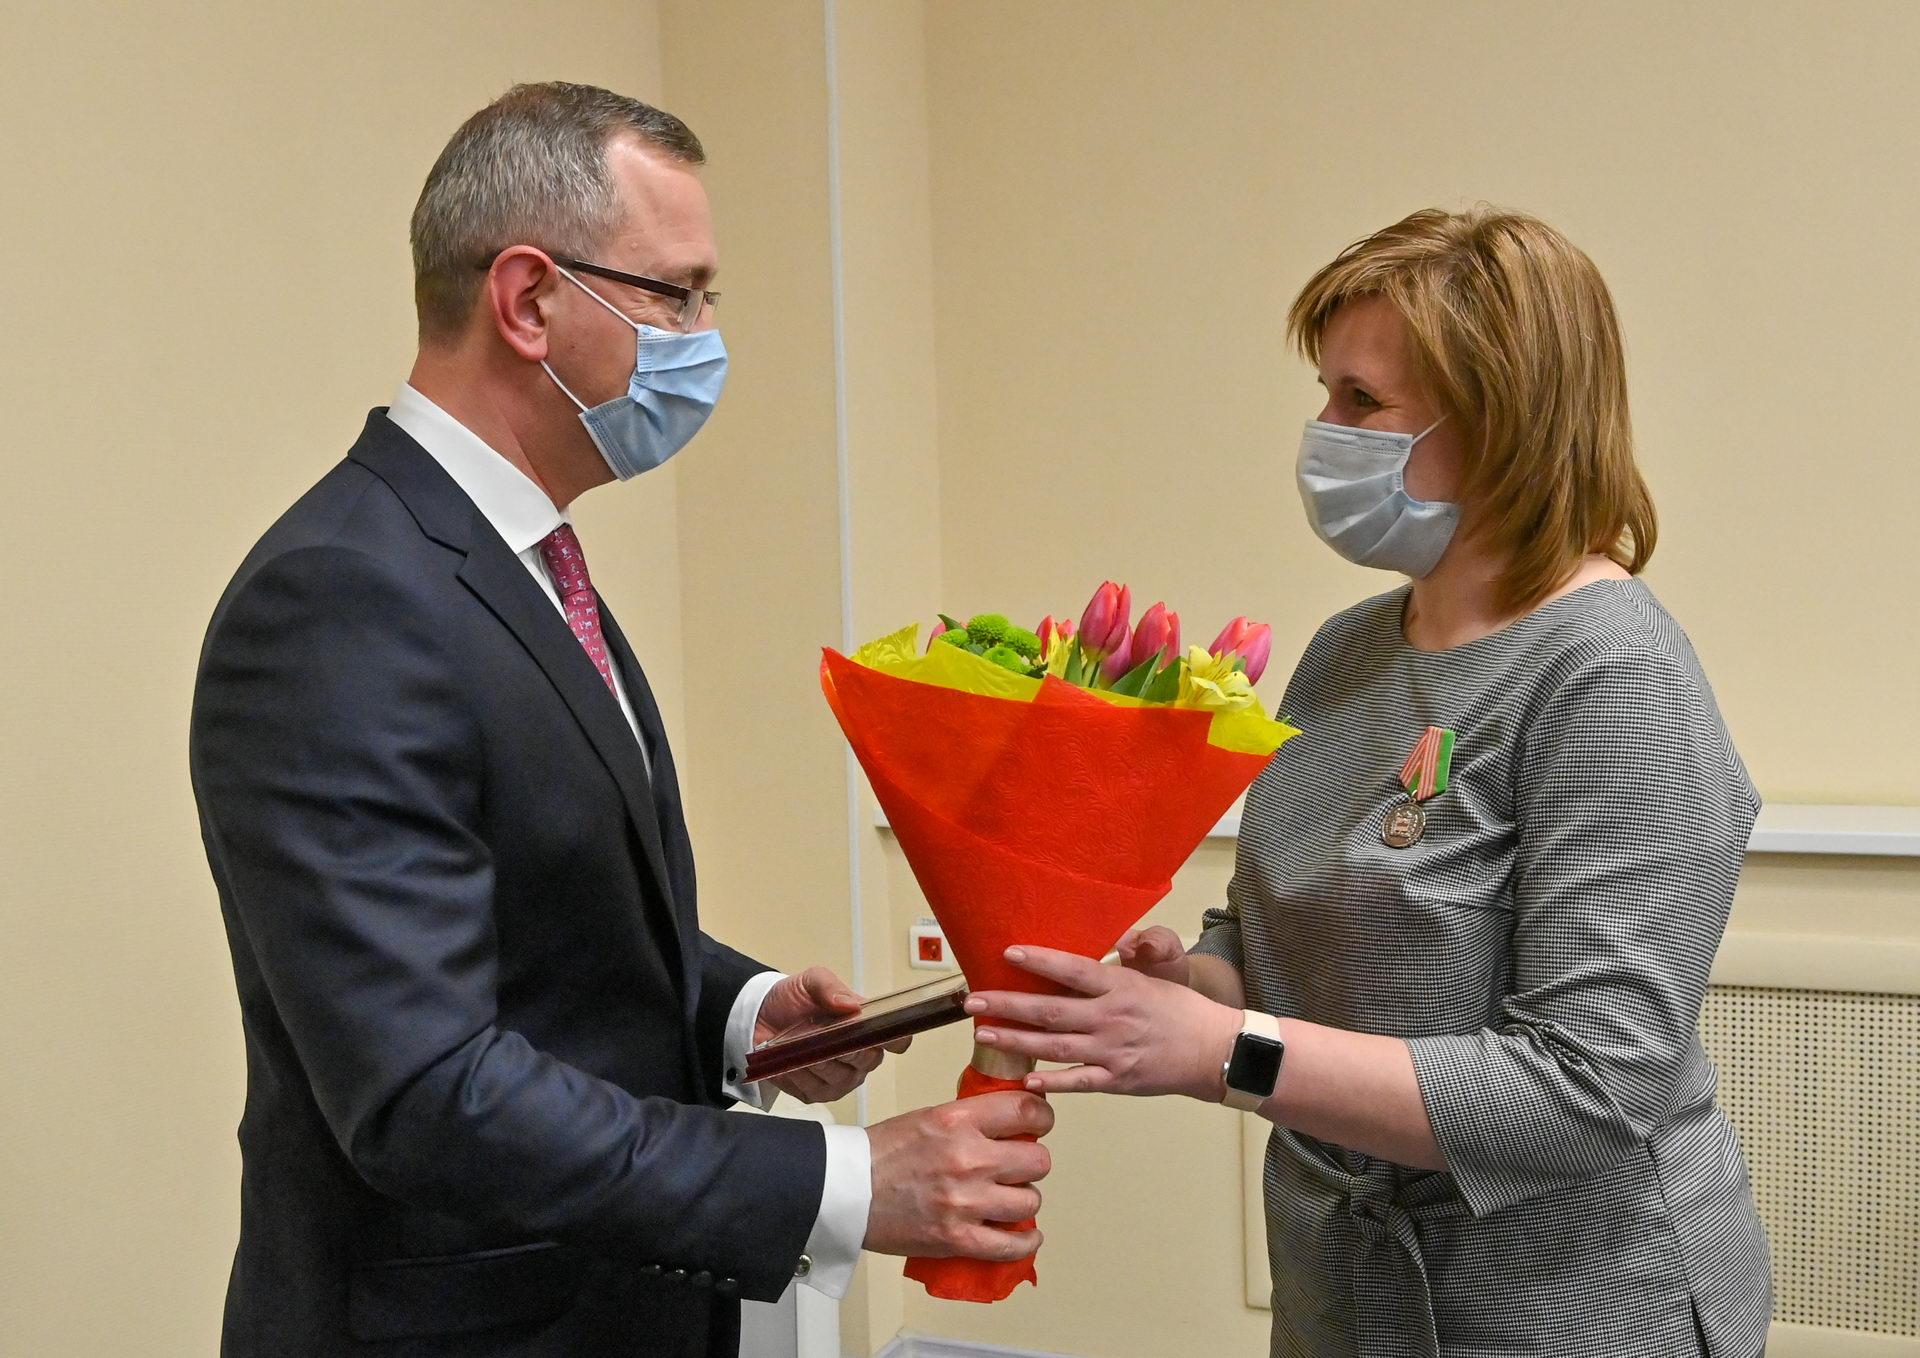 Награждение губернатор калужской области владислав шапша 3 февраля 2021 года